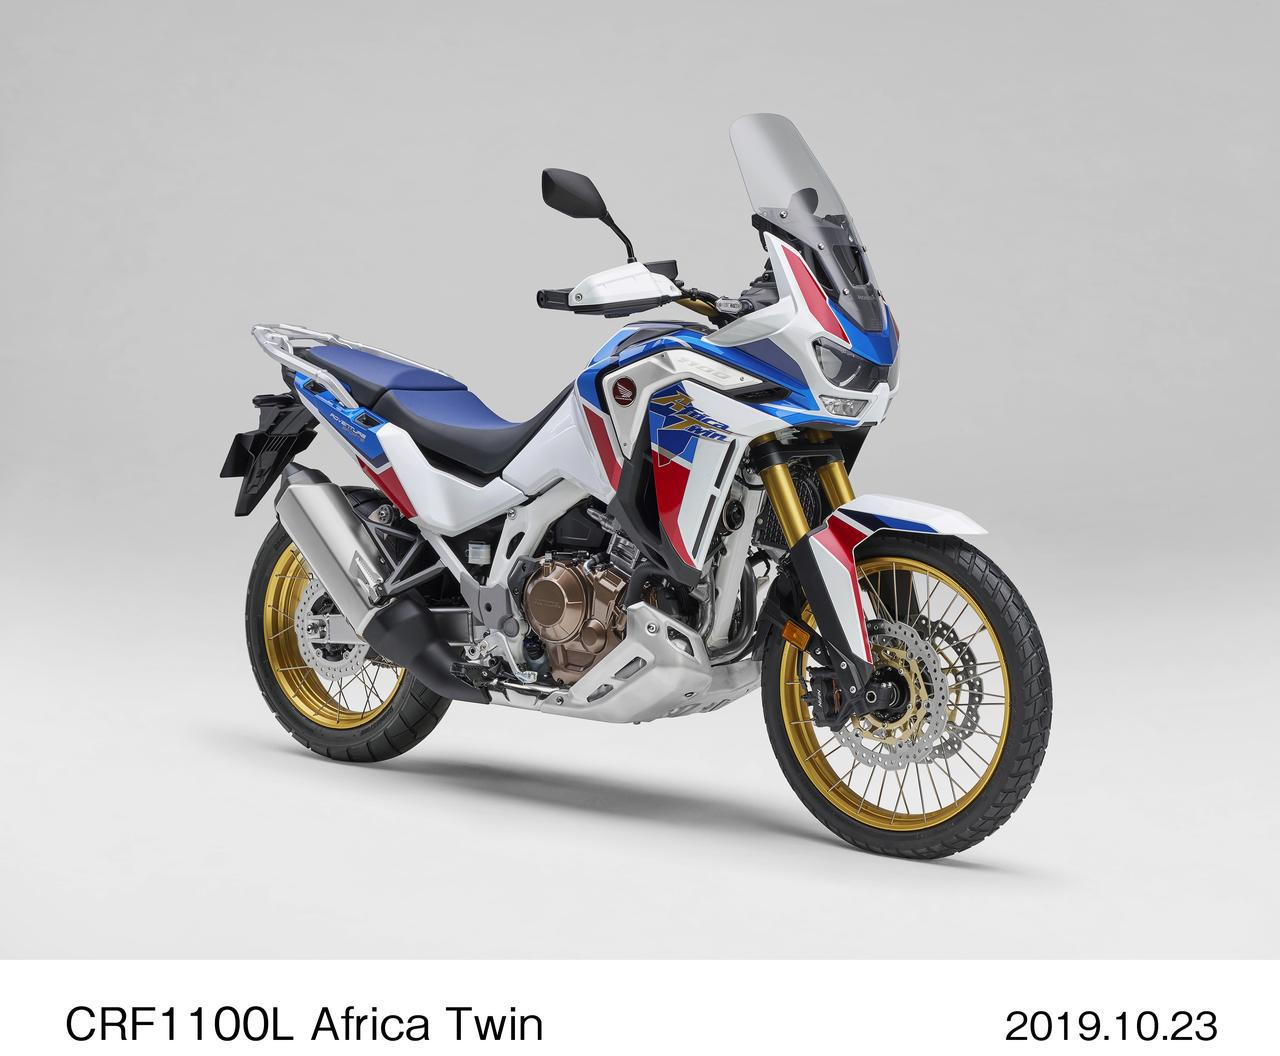 画像3: ホンダ「CRF1100L Africa Twin」が2月14日(金)発売! 新型アフリカツイン・全シリーズの価格と発売日のまとめ